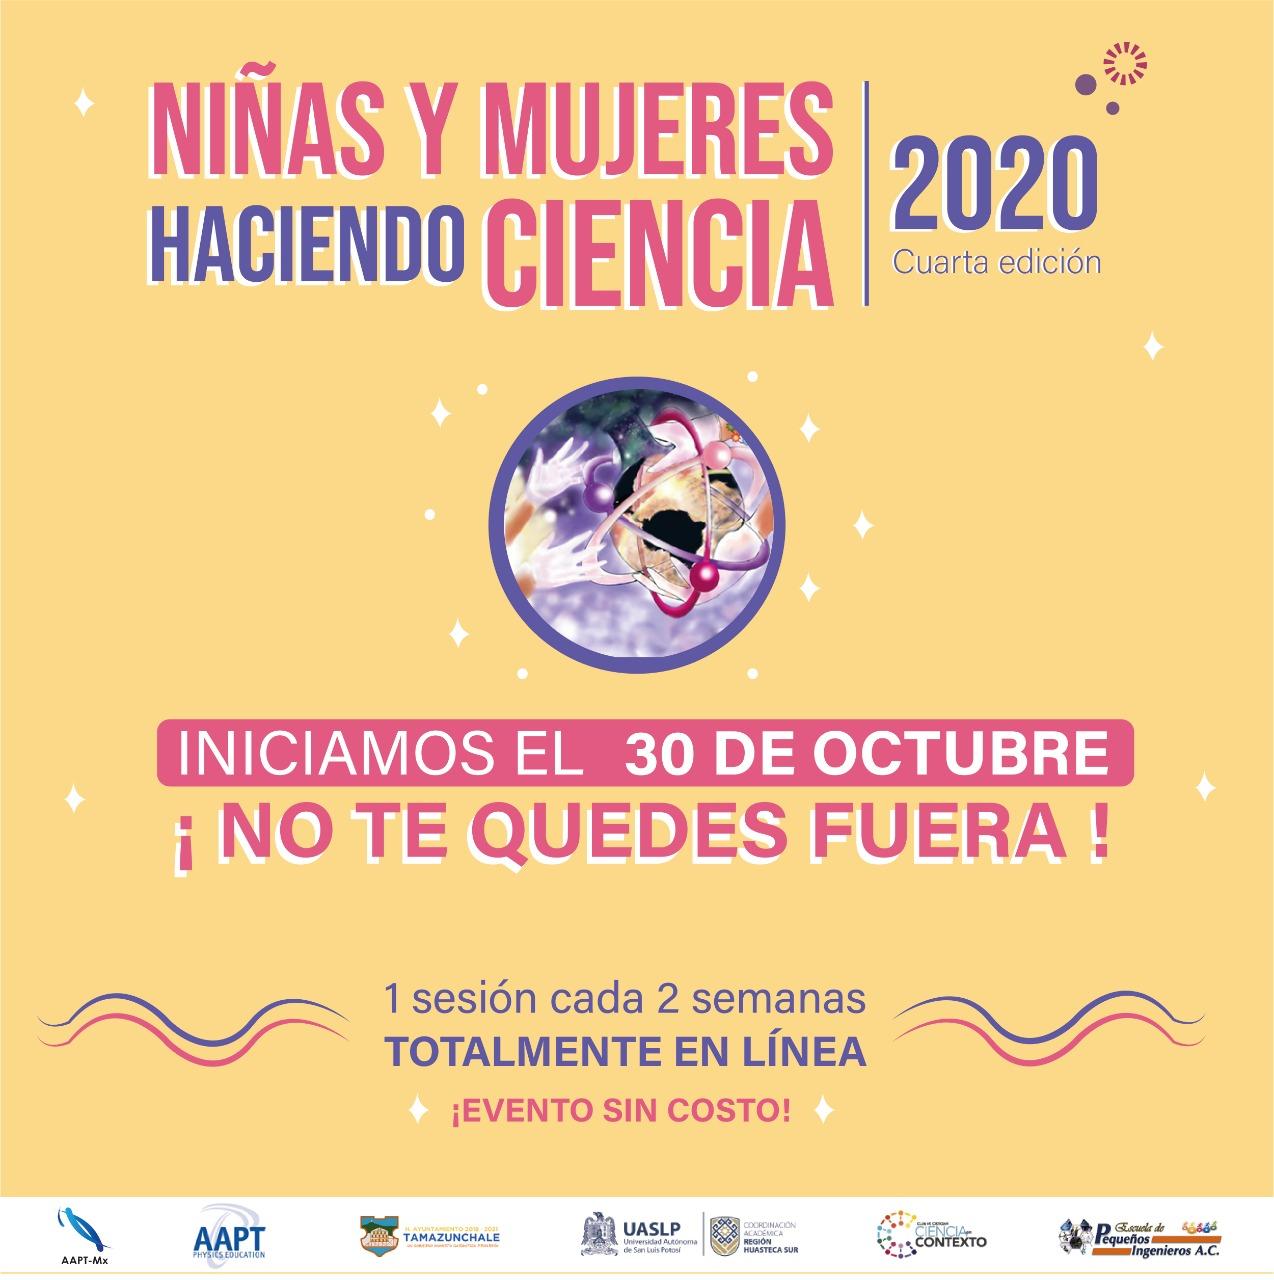 Niñas y mujeres haciendo Ciencia Internacional